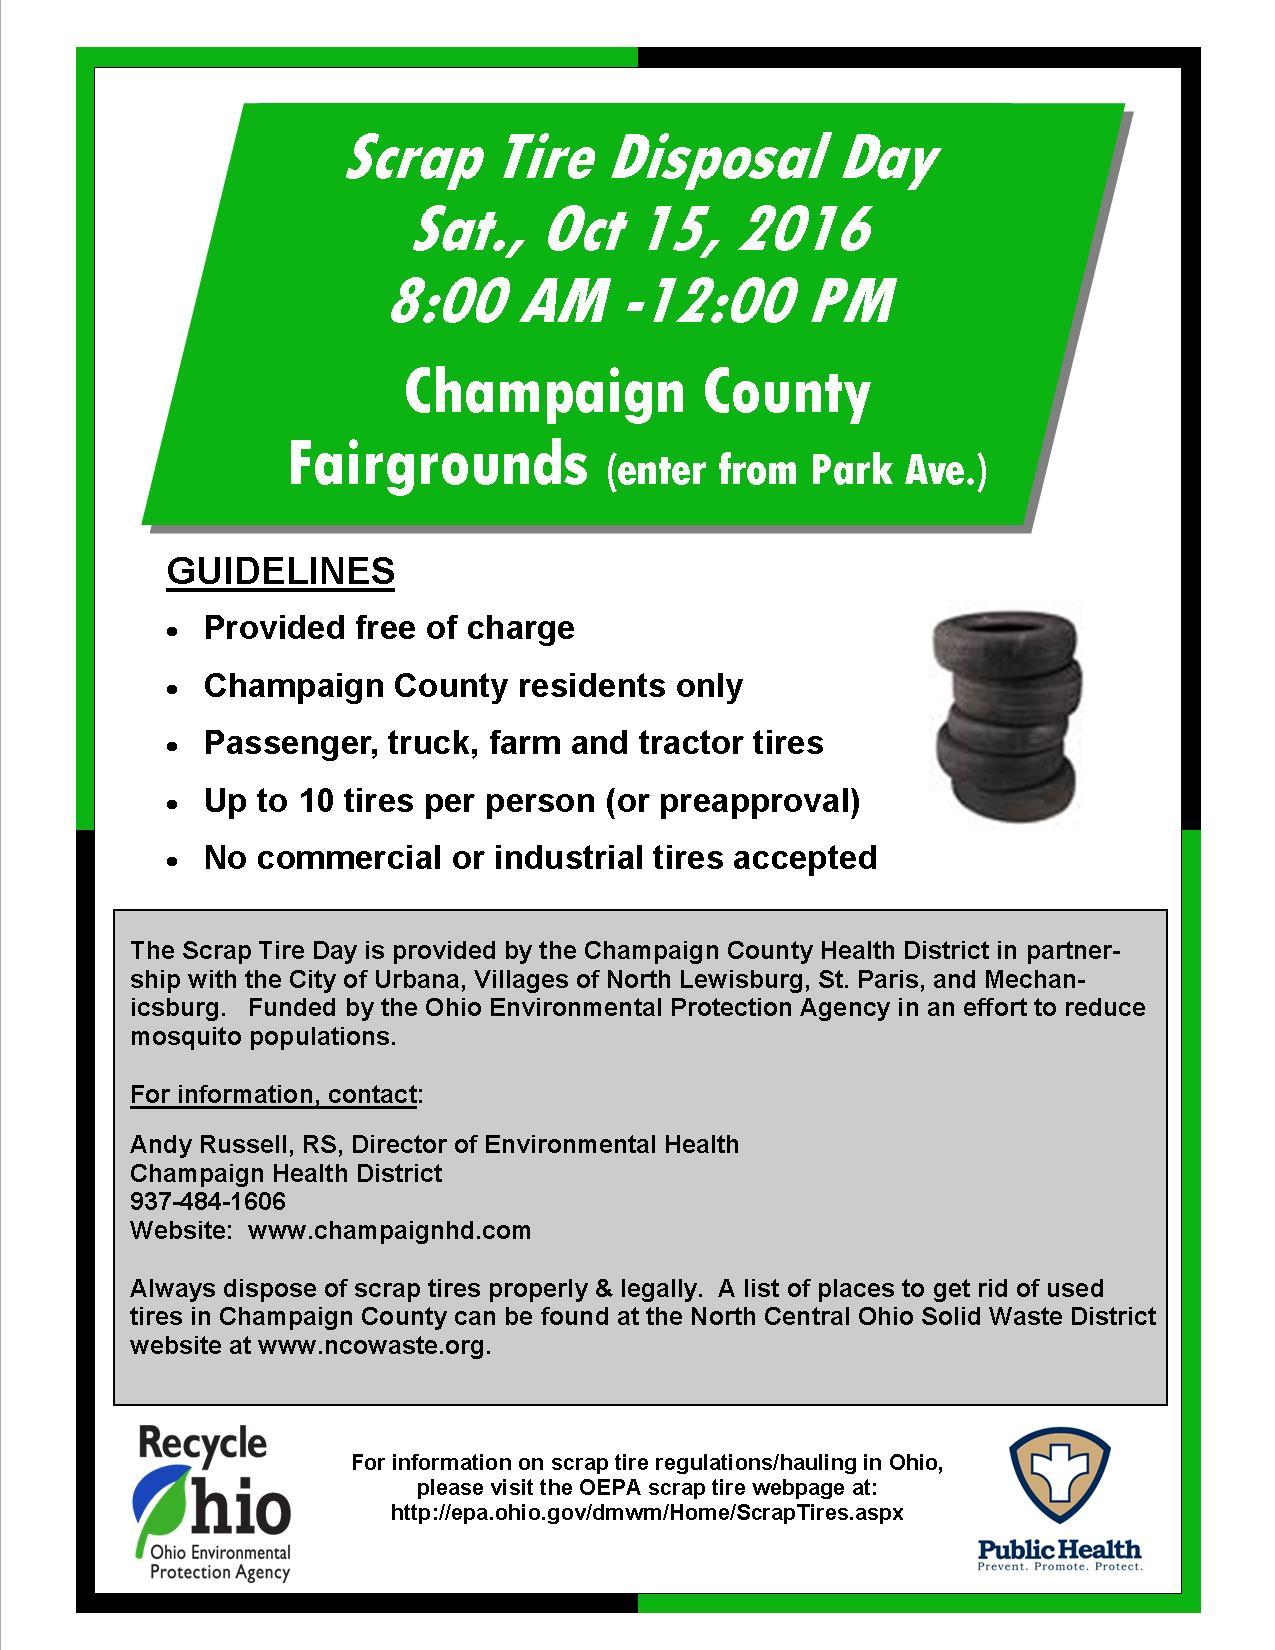 Scrap Tire Day Flier 10-15-2016 (3).jpg